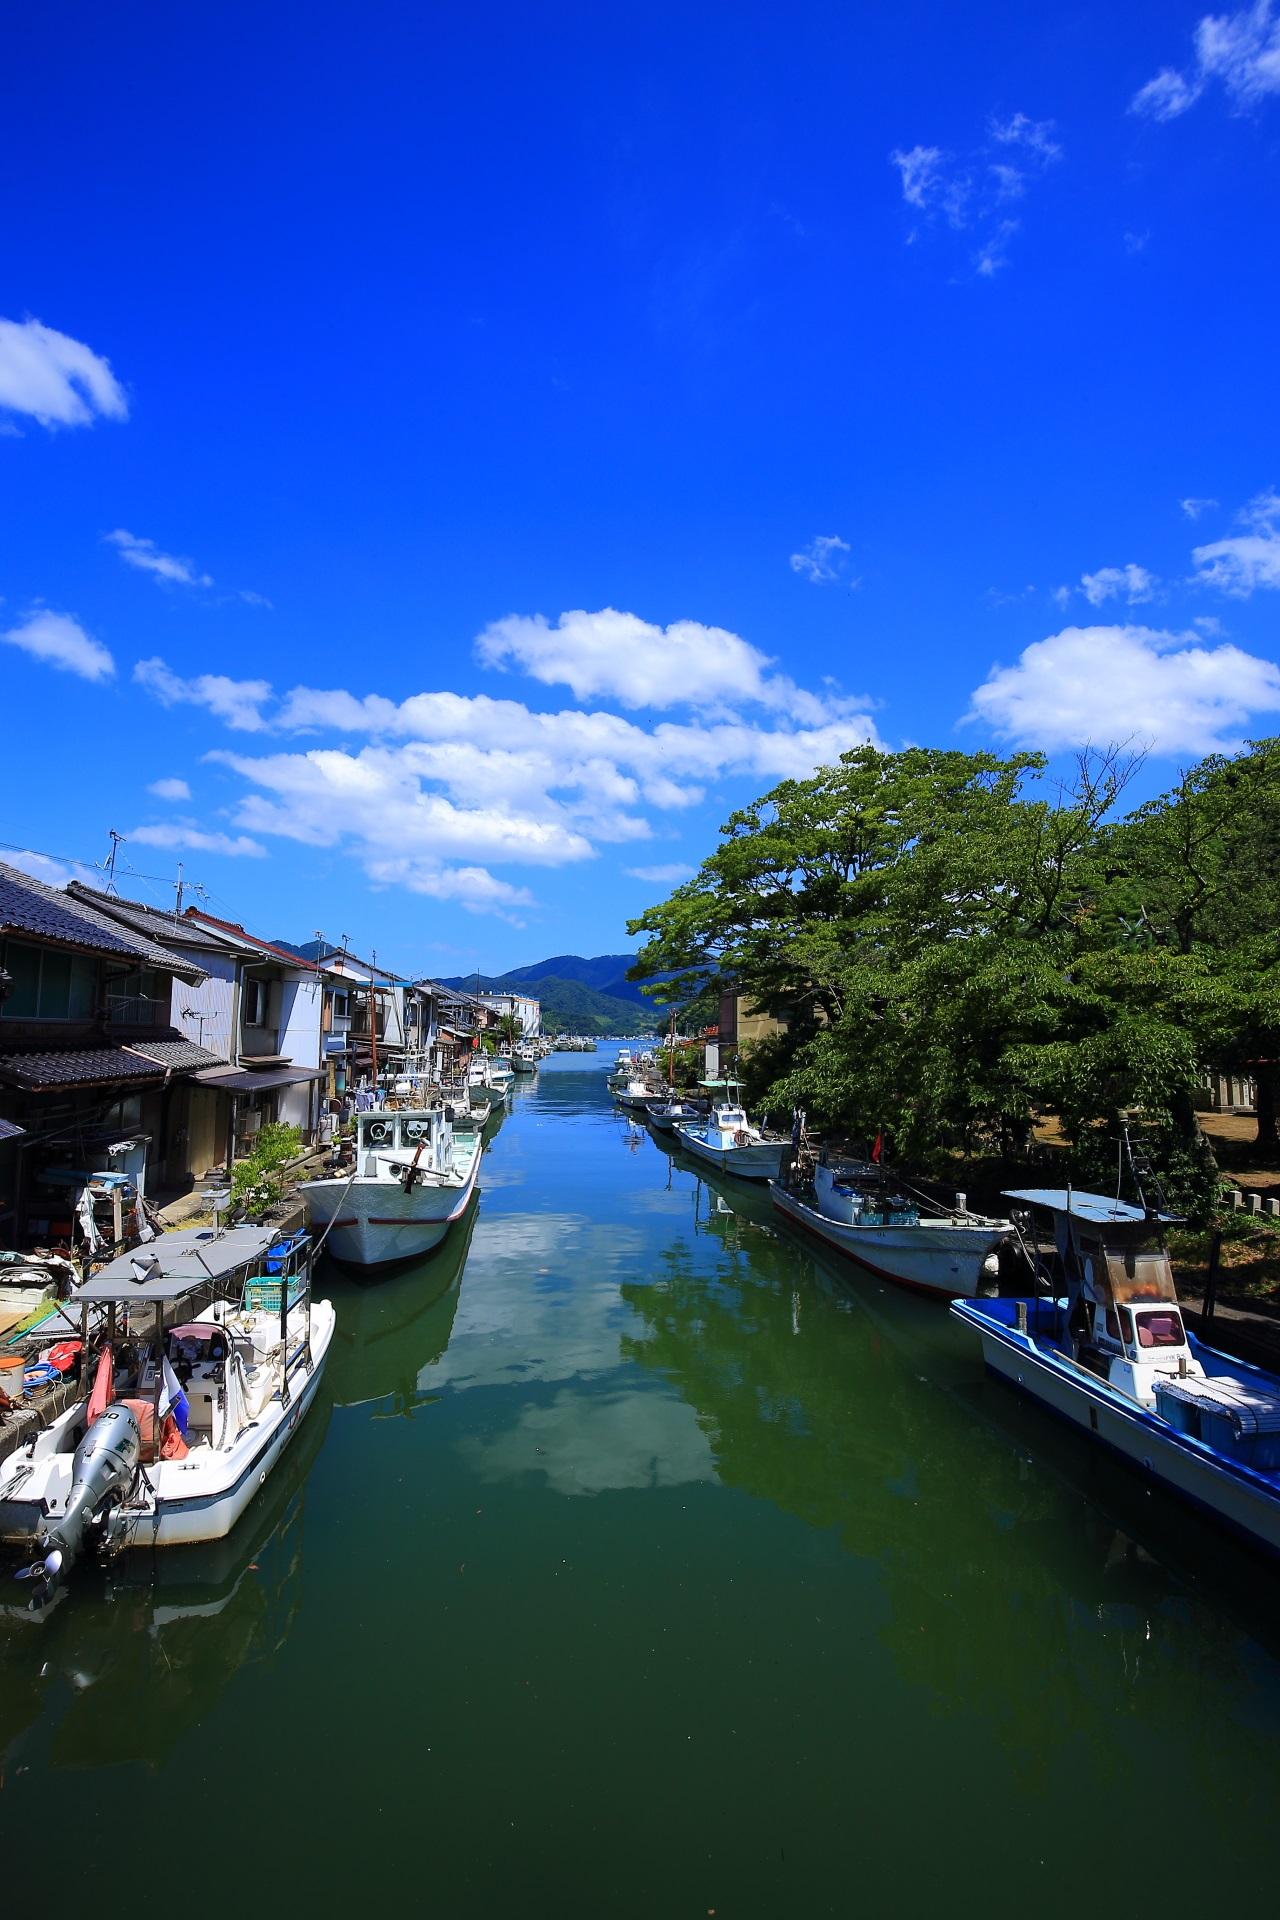 舞鶴吉原地区の素晴らしい漁港の街並みや情景